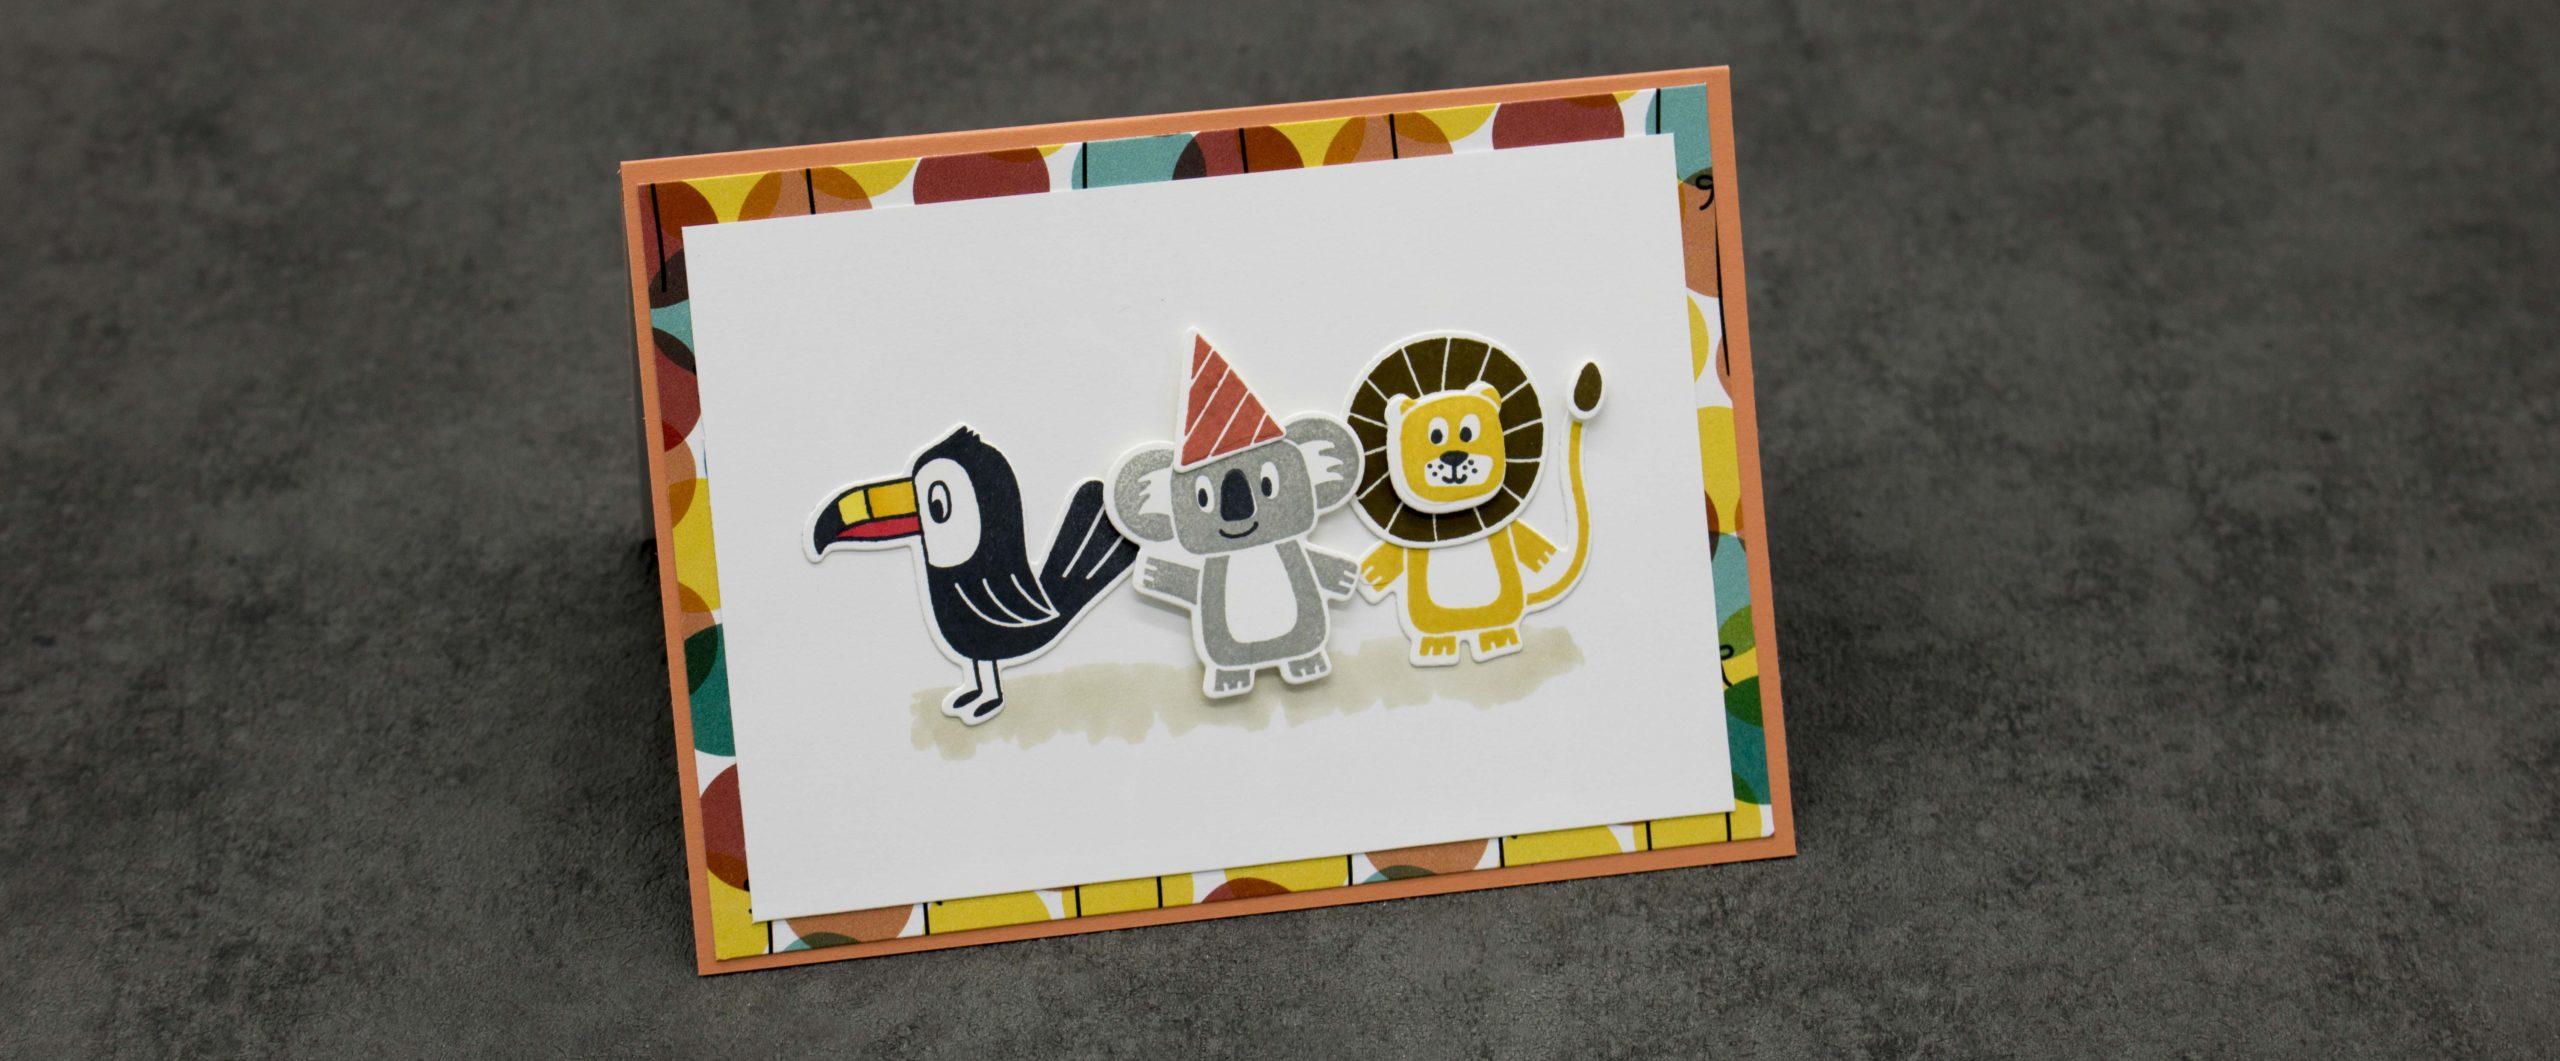 Geburtstagskarte mit Musik Chip